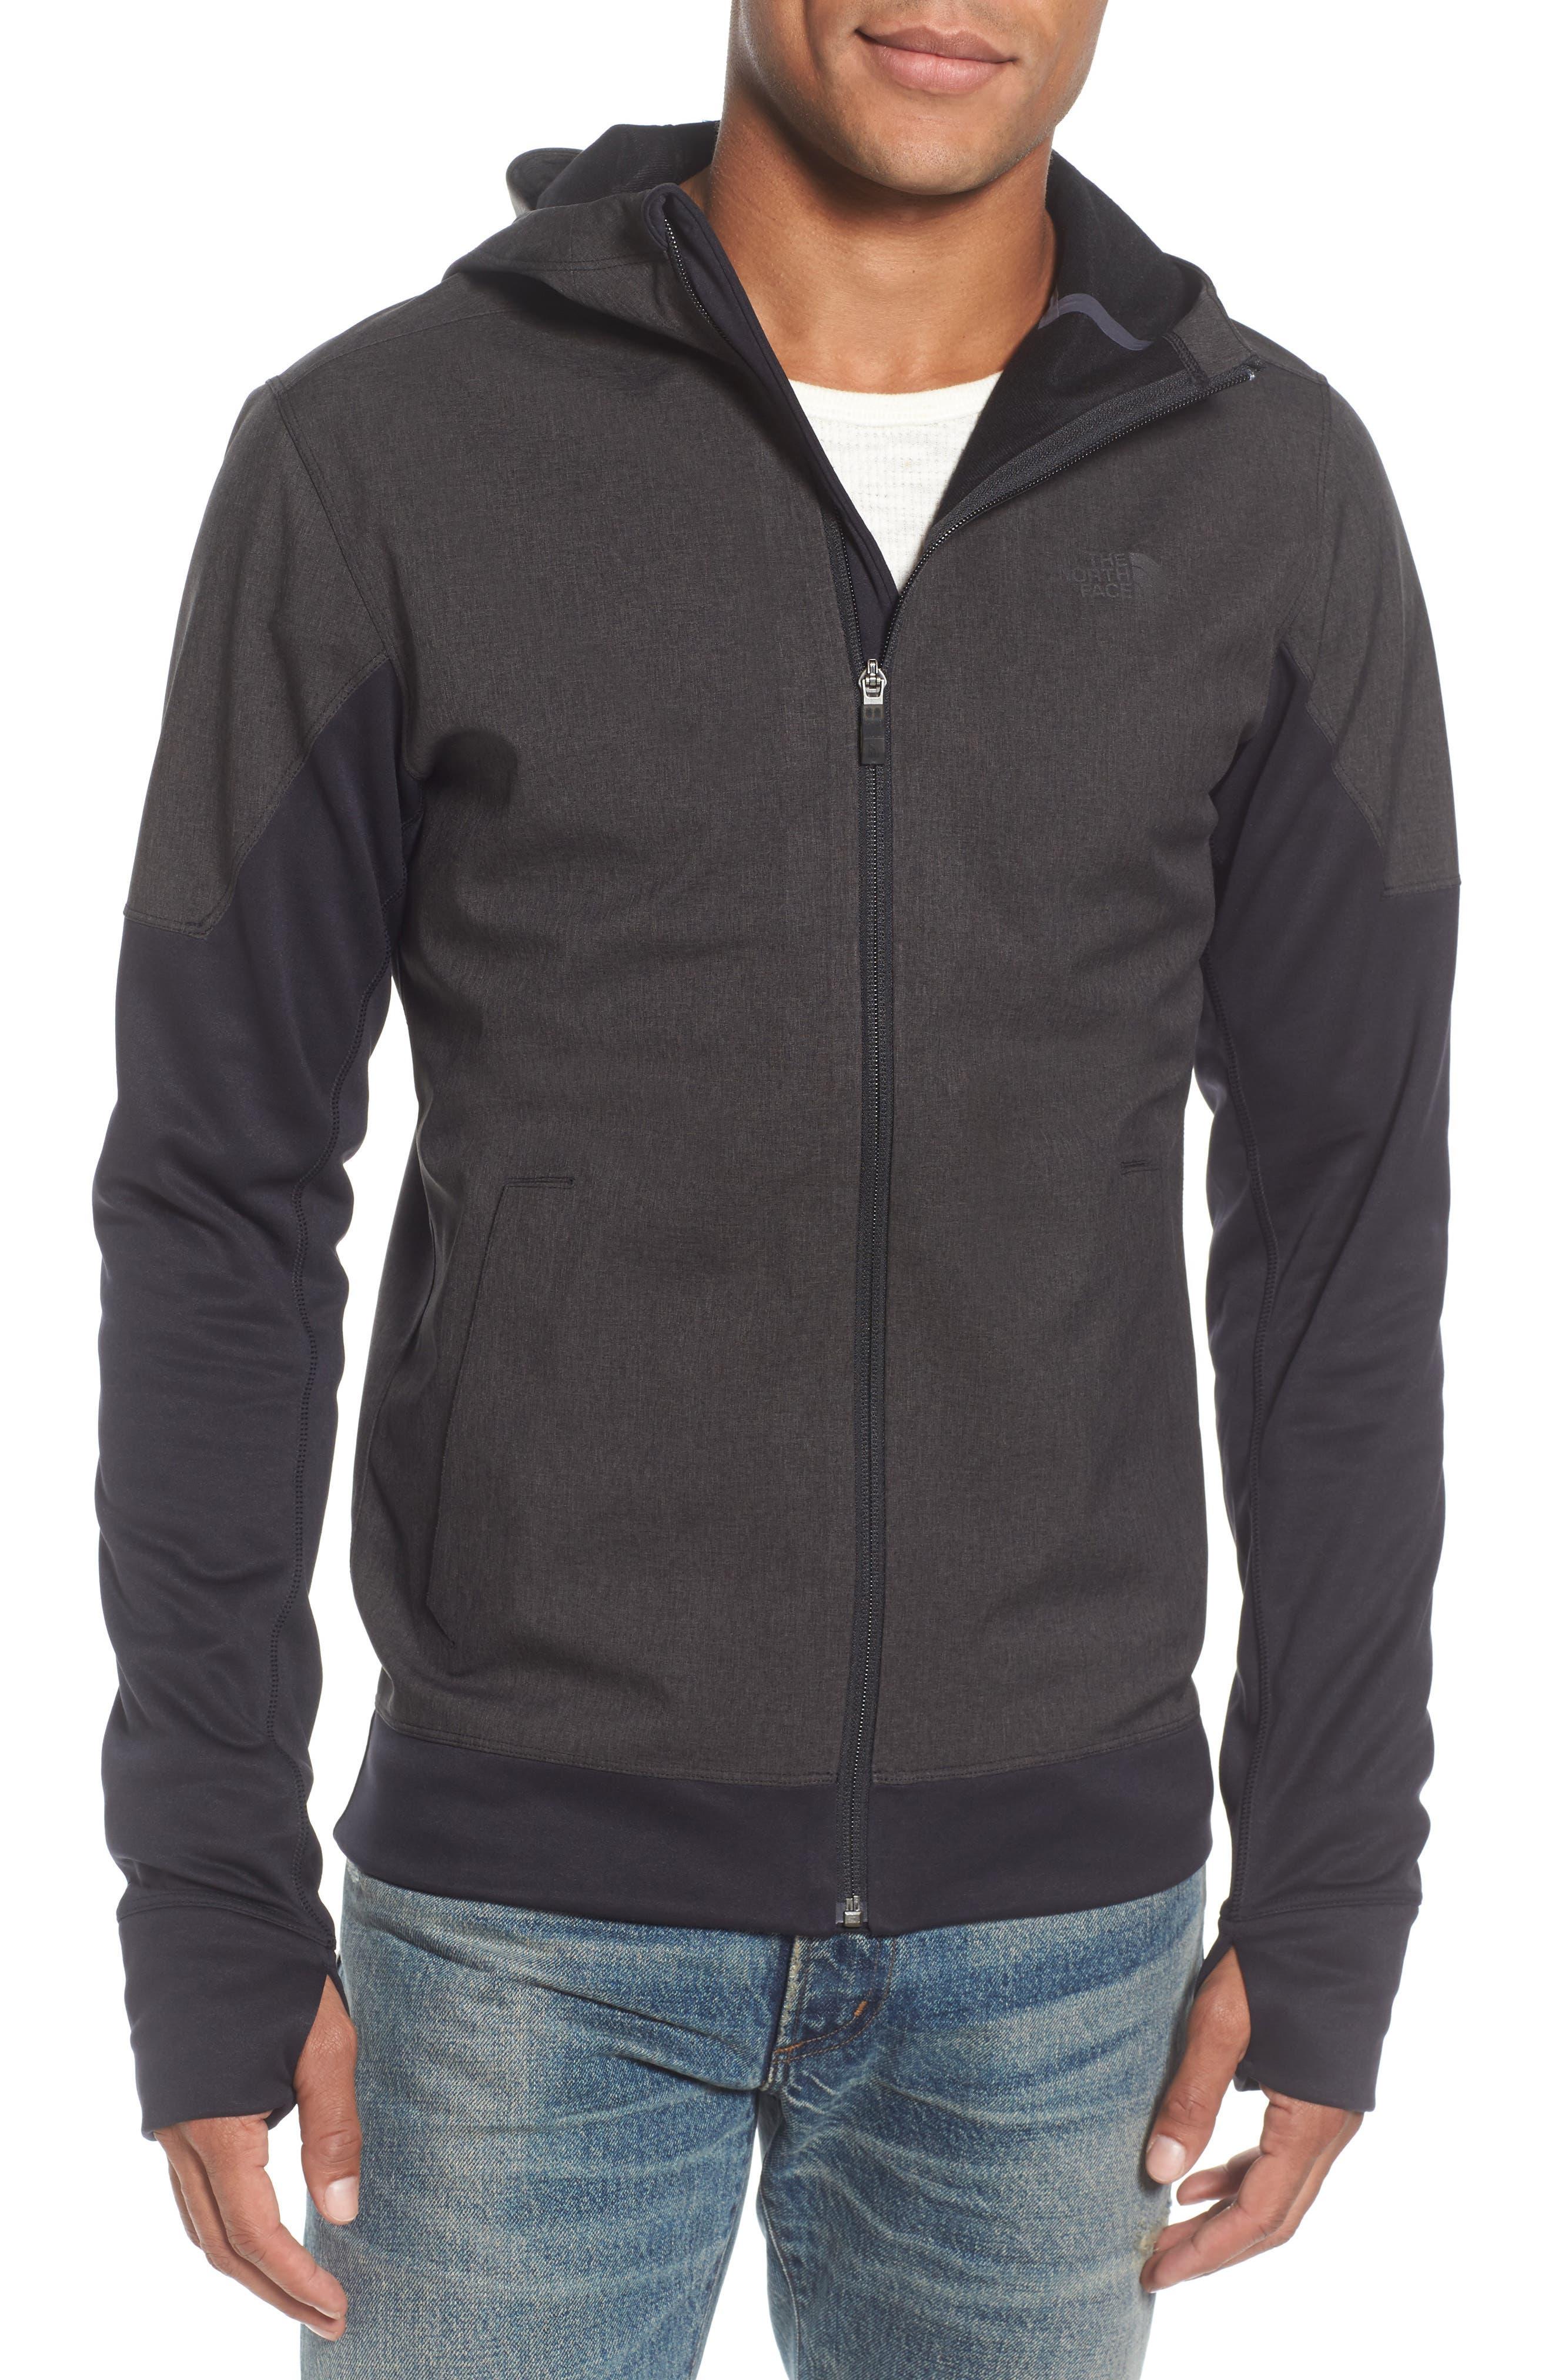 The North Face 'Kilowatt' Hooded Jacket